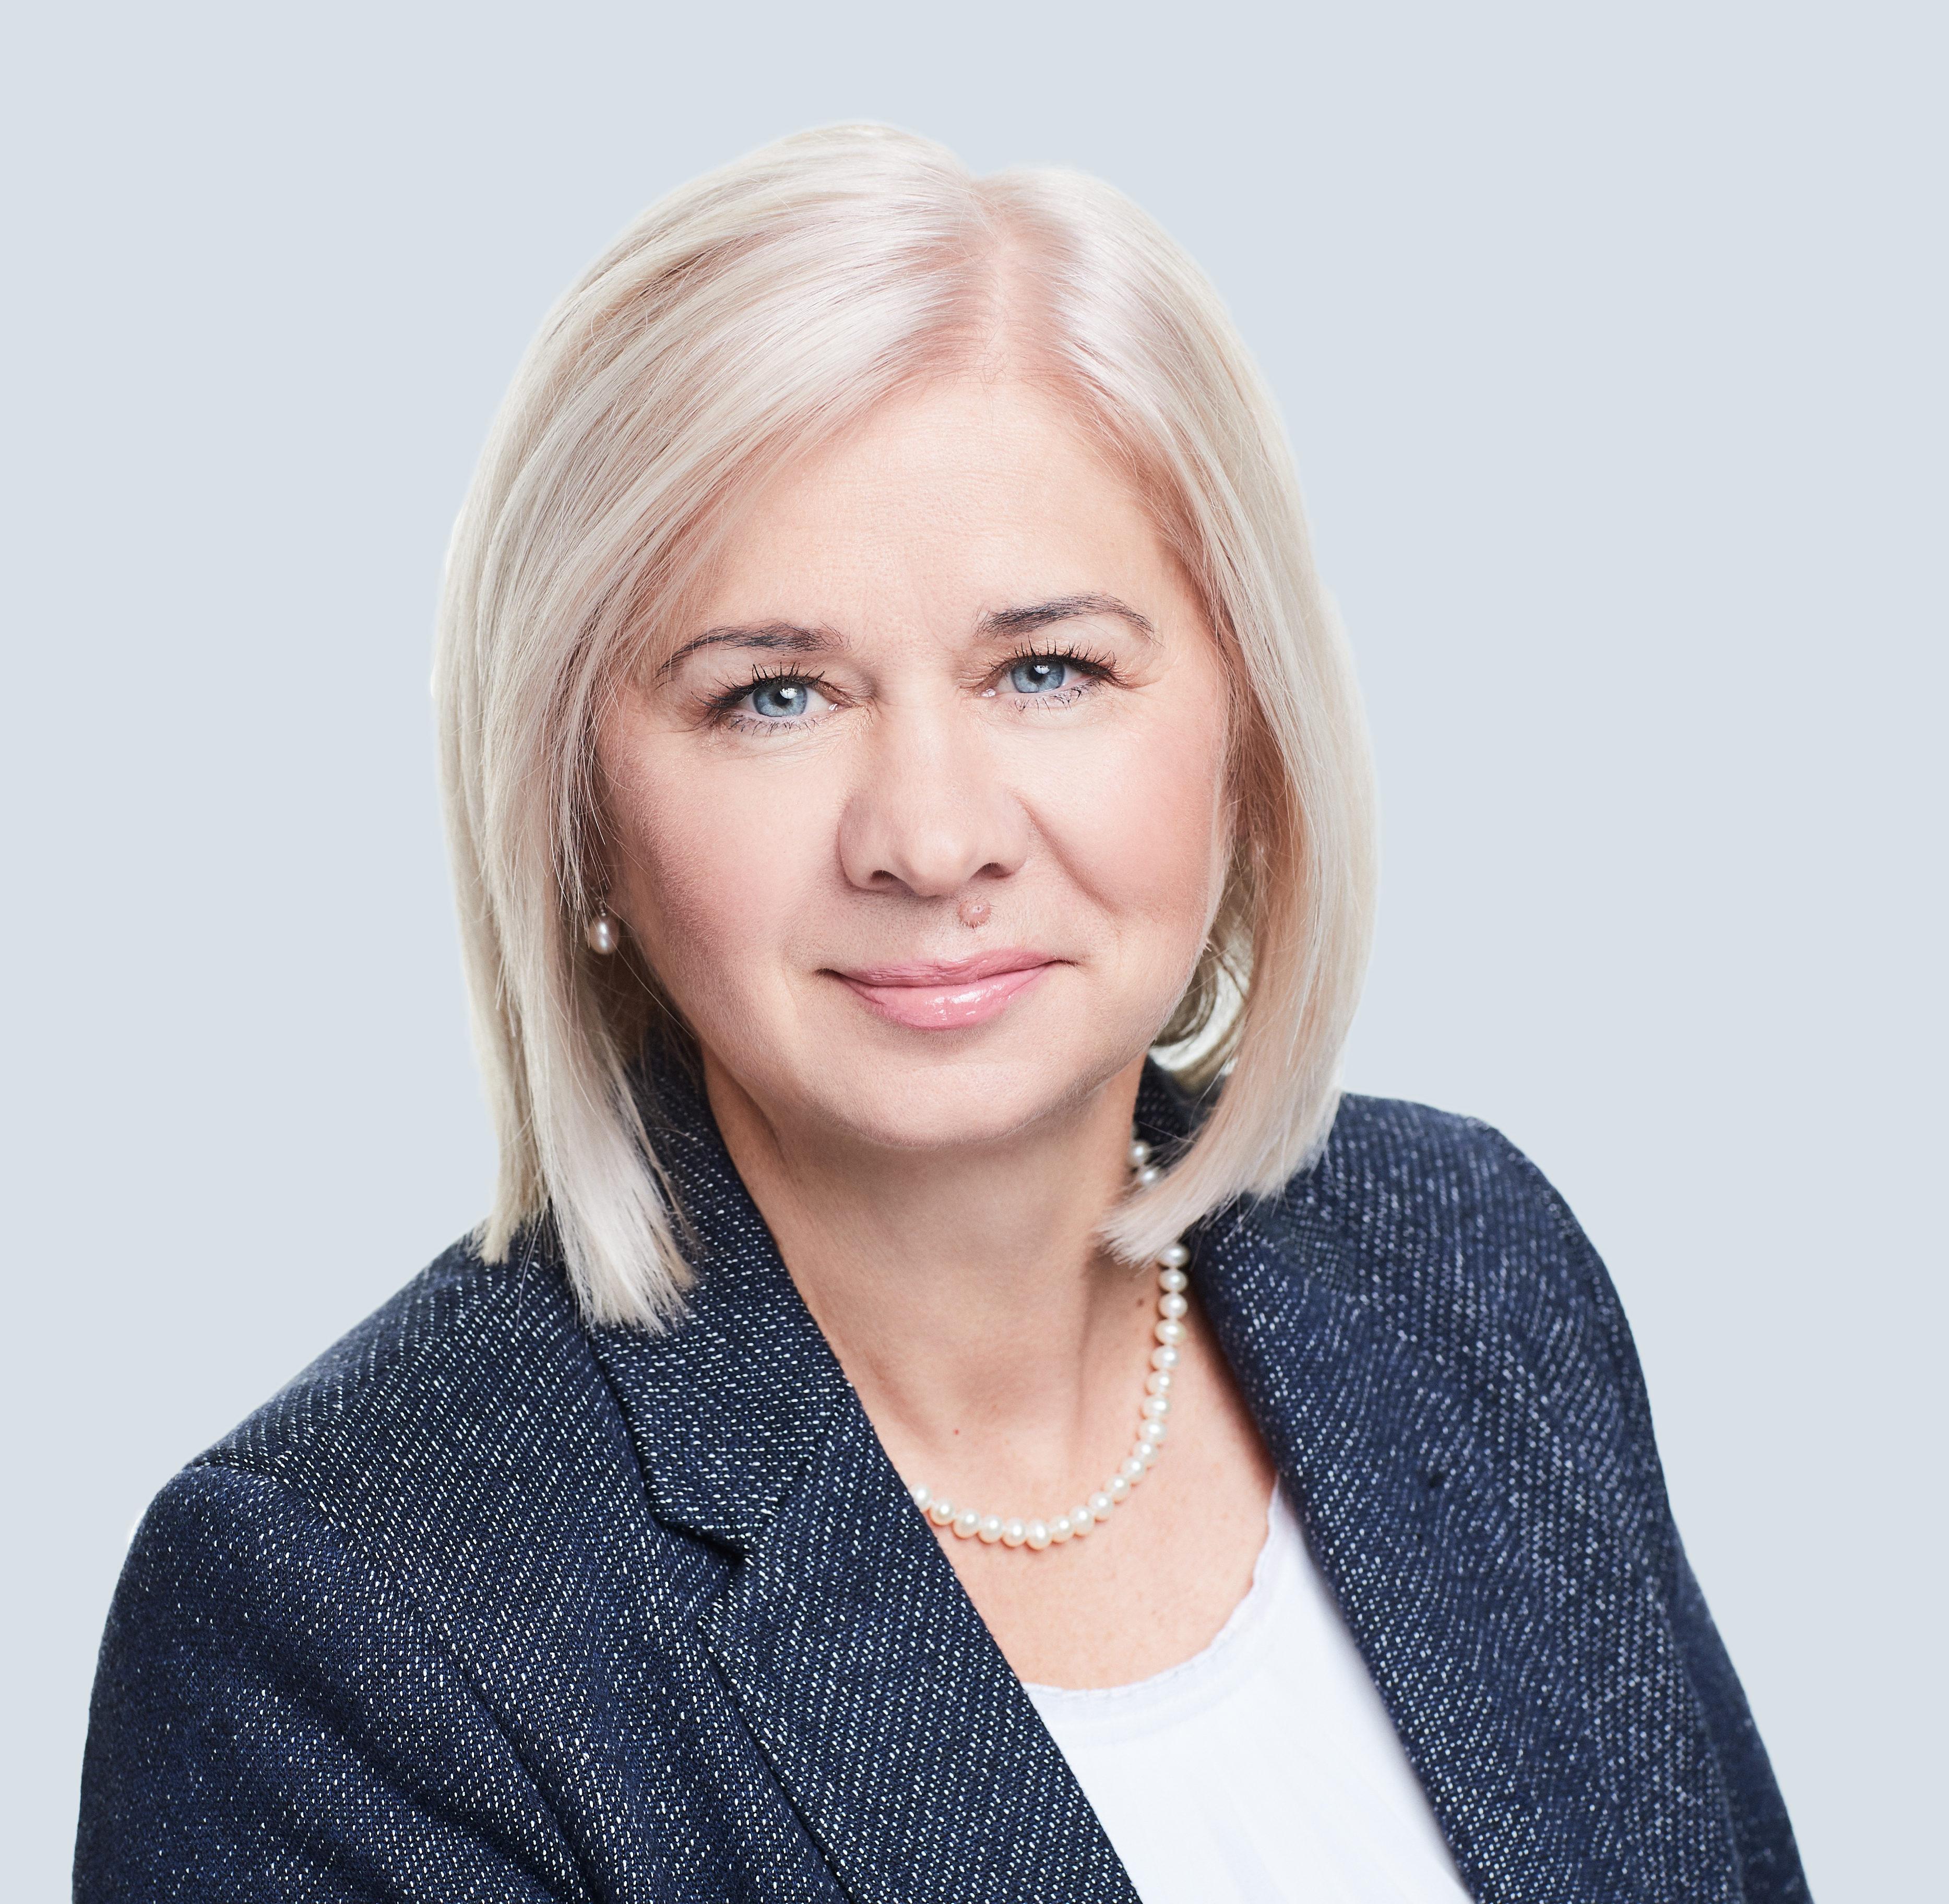 Członkini zarządu, regionalna dyrektor MICE na Europę Centralną, Weco Travel, prezes zarządu SITE Poland (od 01.2020)